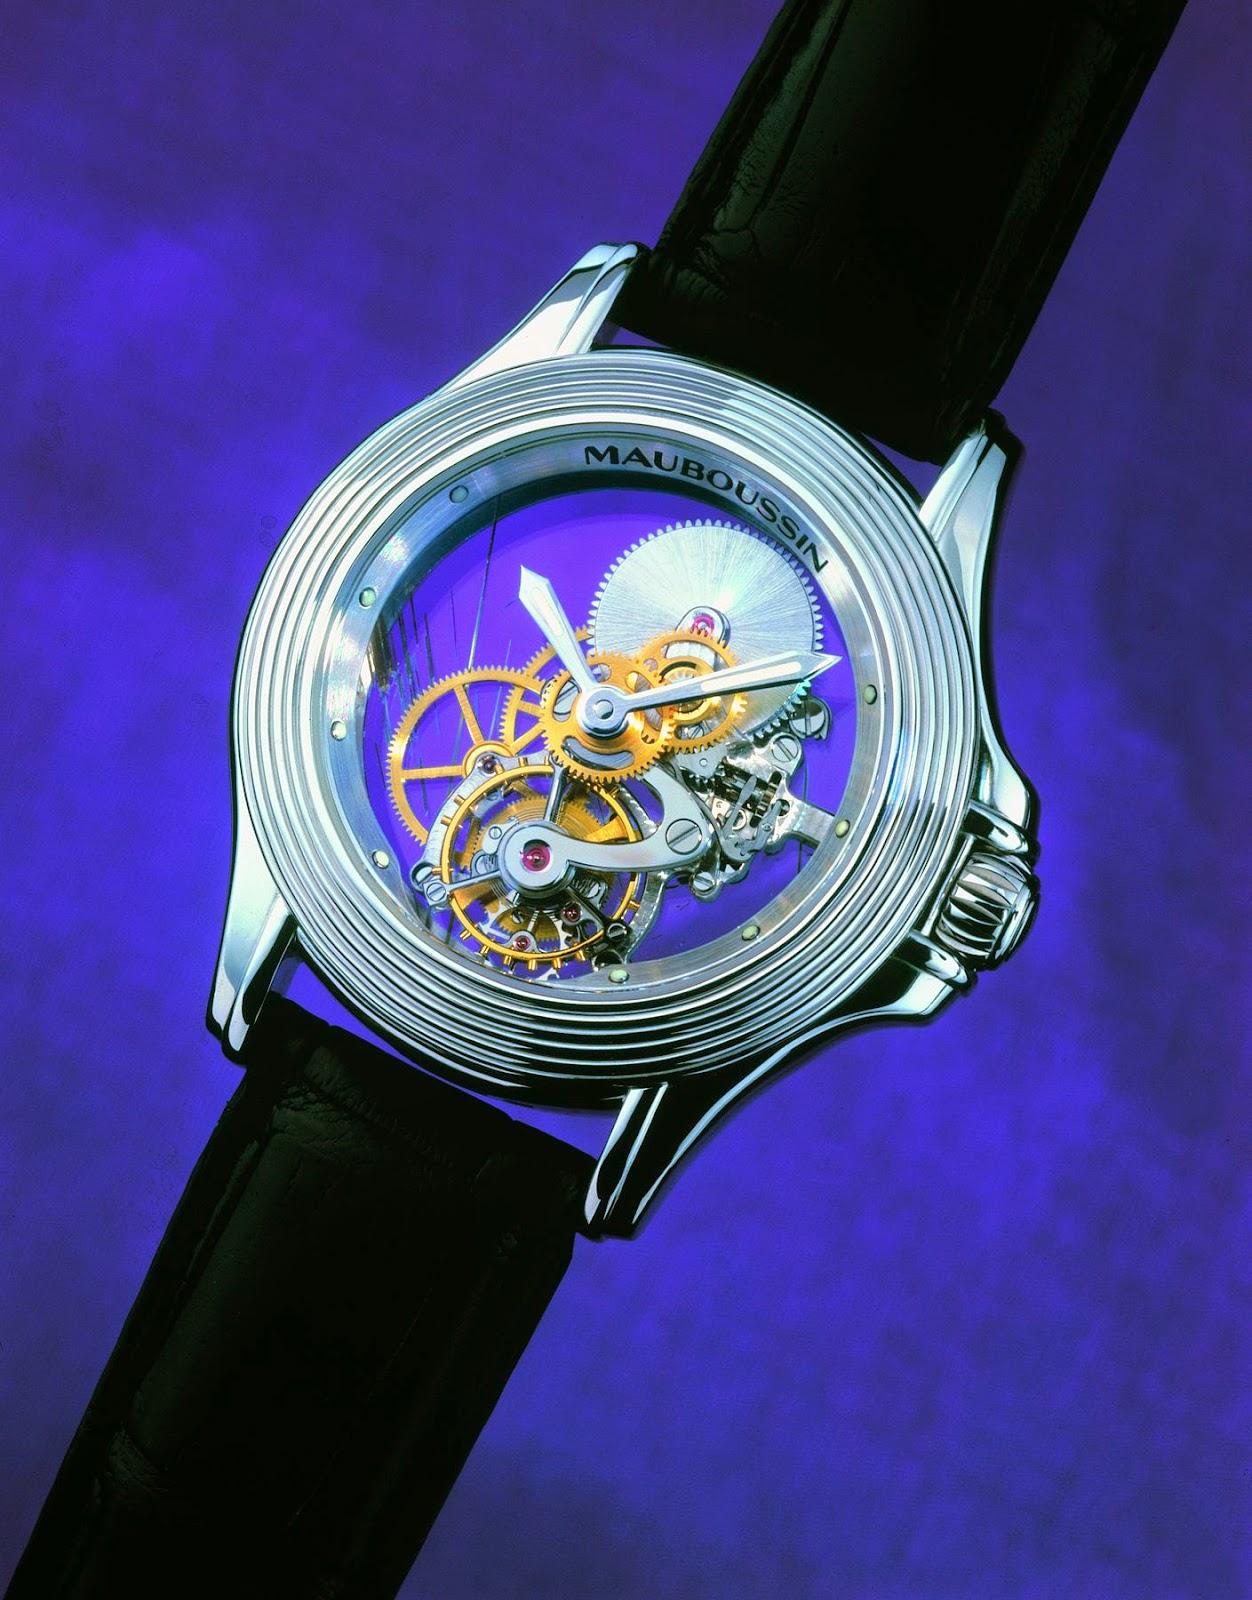 MAUBOUSSIN Montre Tourbillon Transparente watch